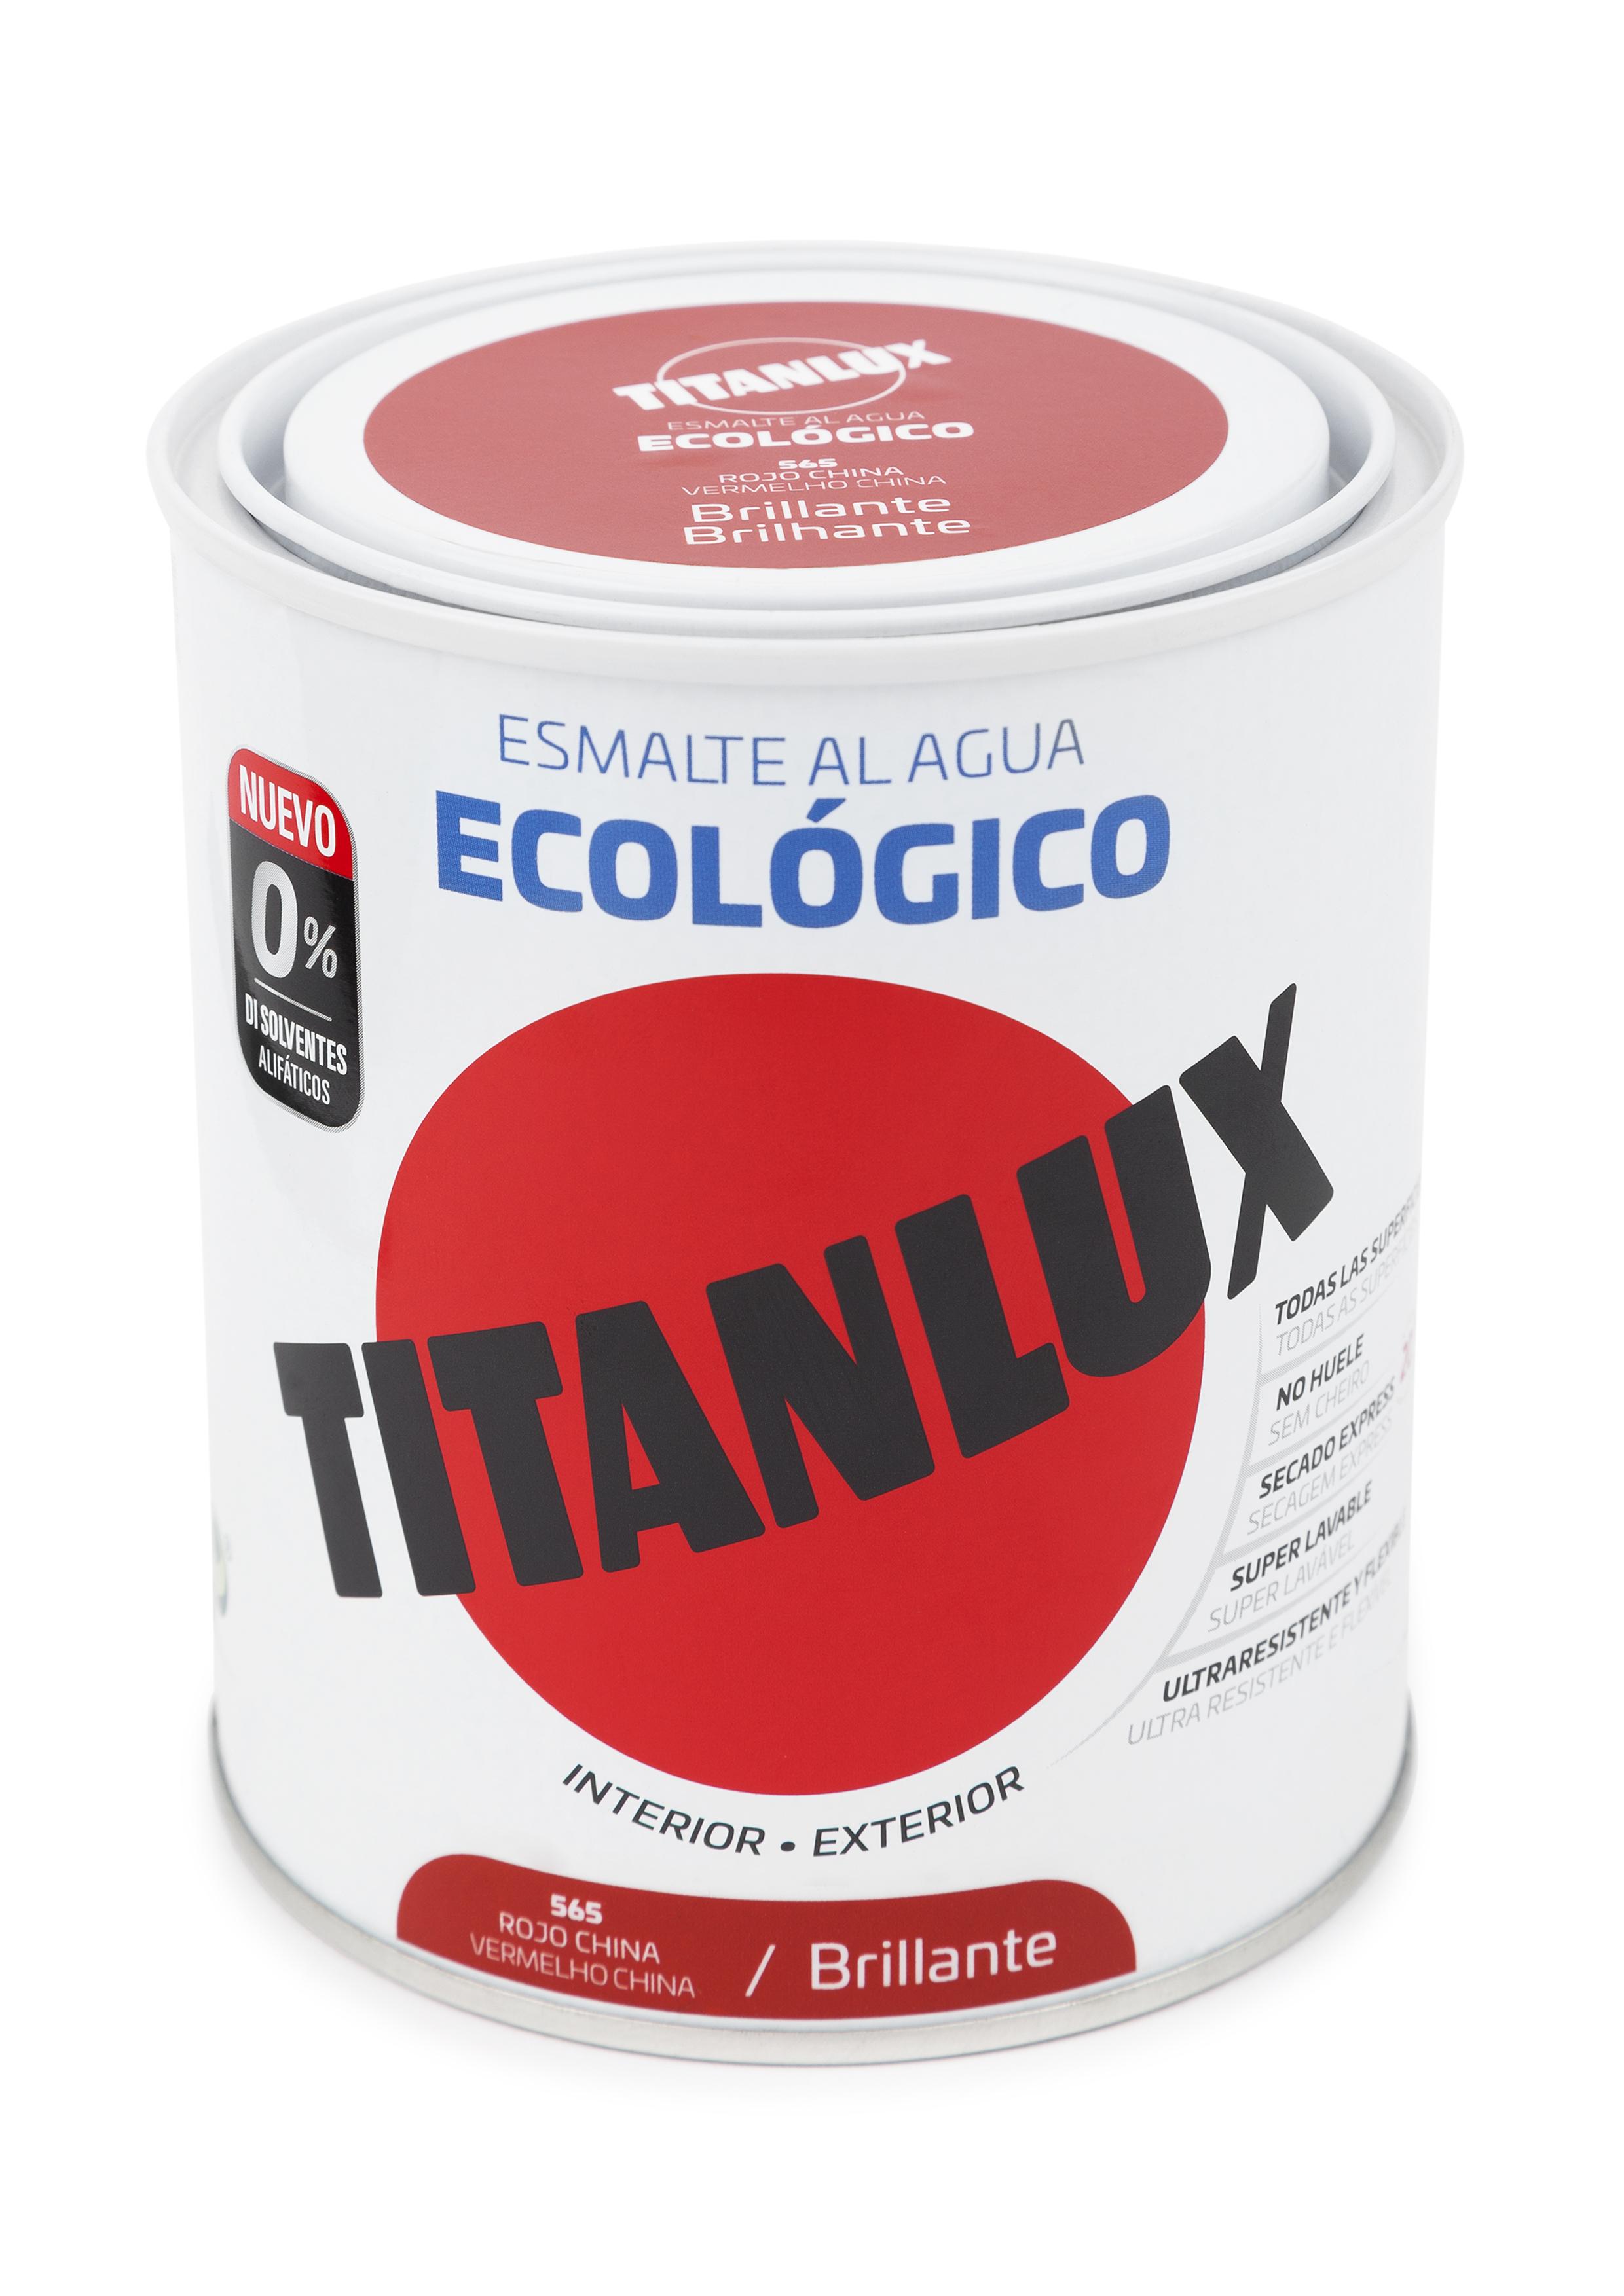 ESMALTE ECOLÓGICO AL AGUA TITANLUX